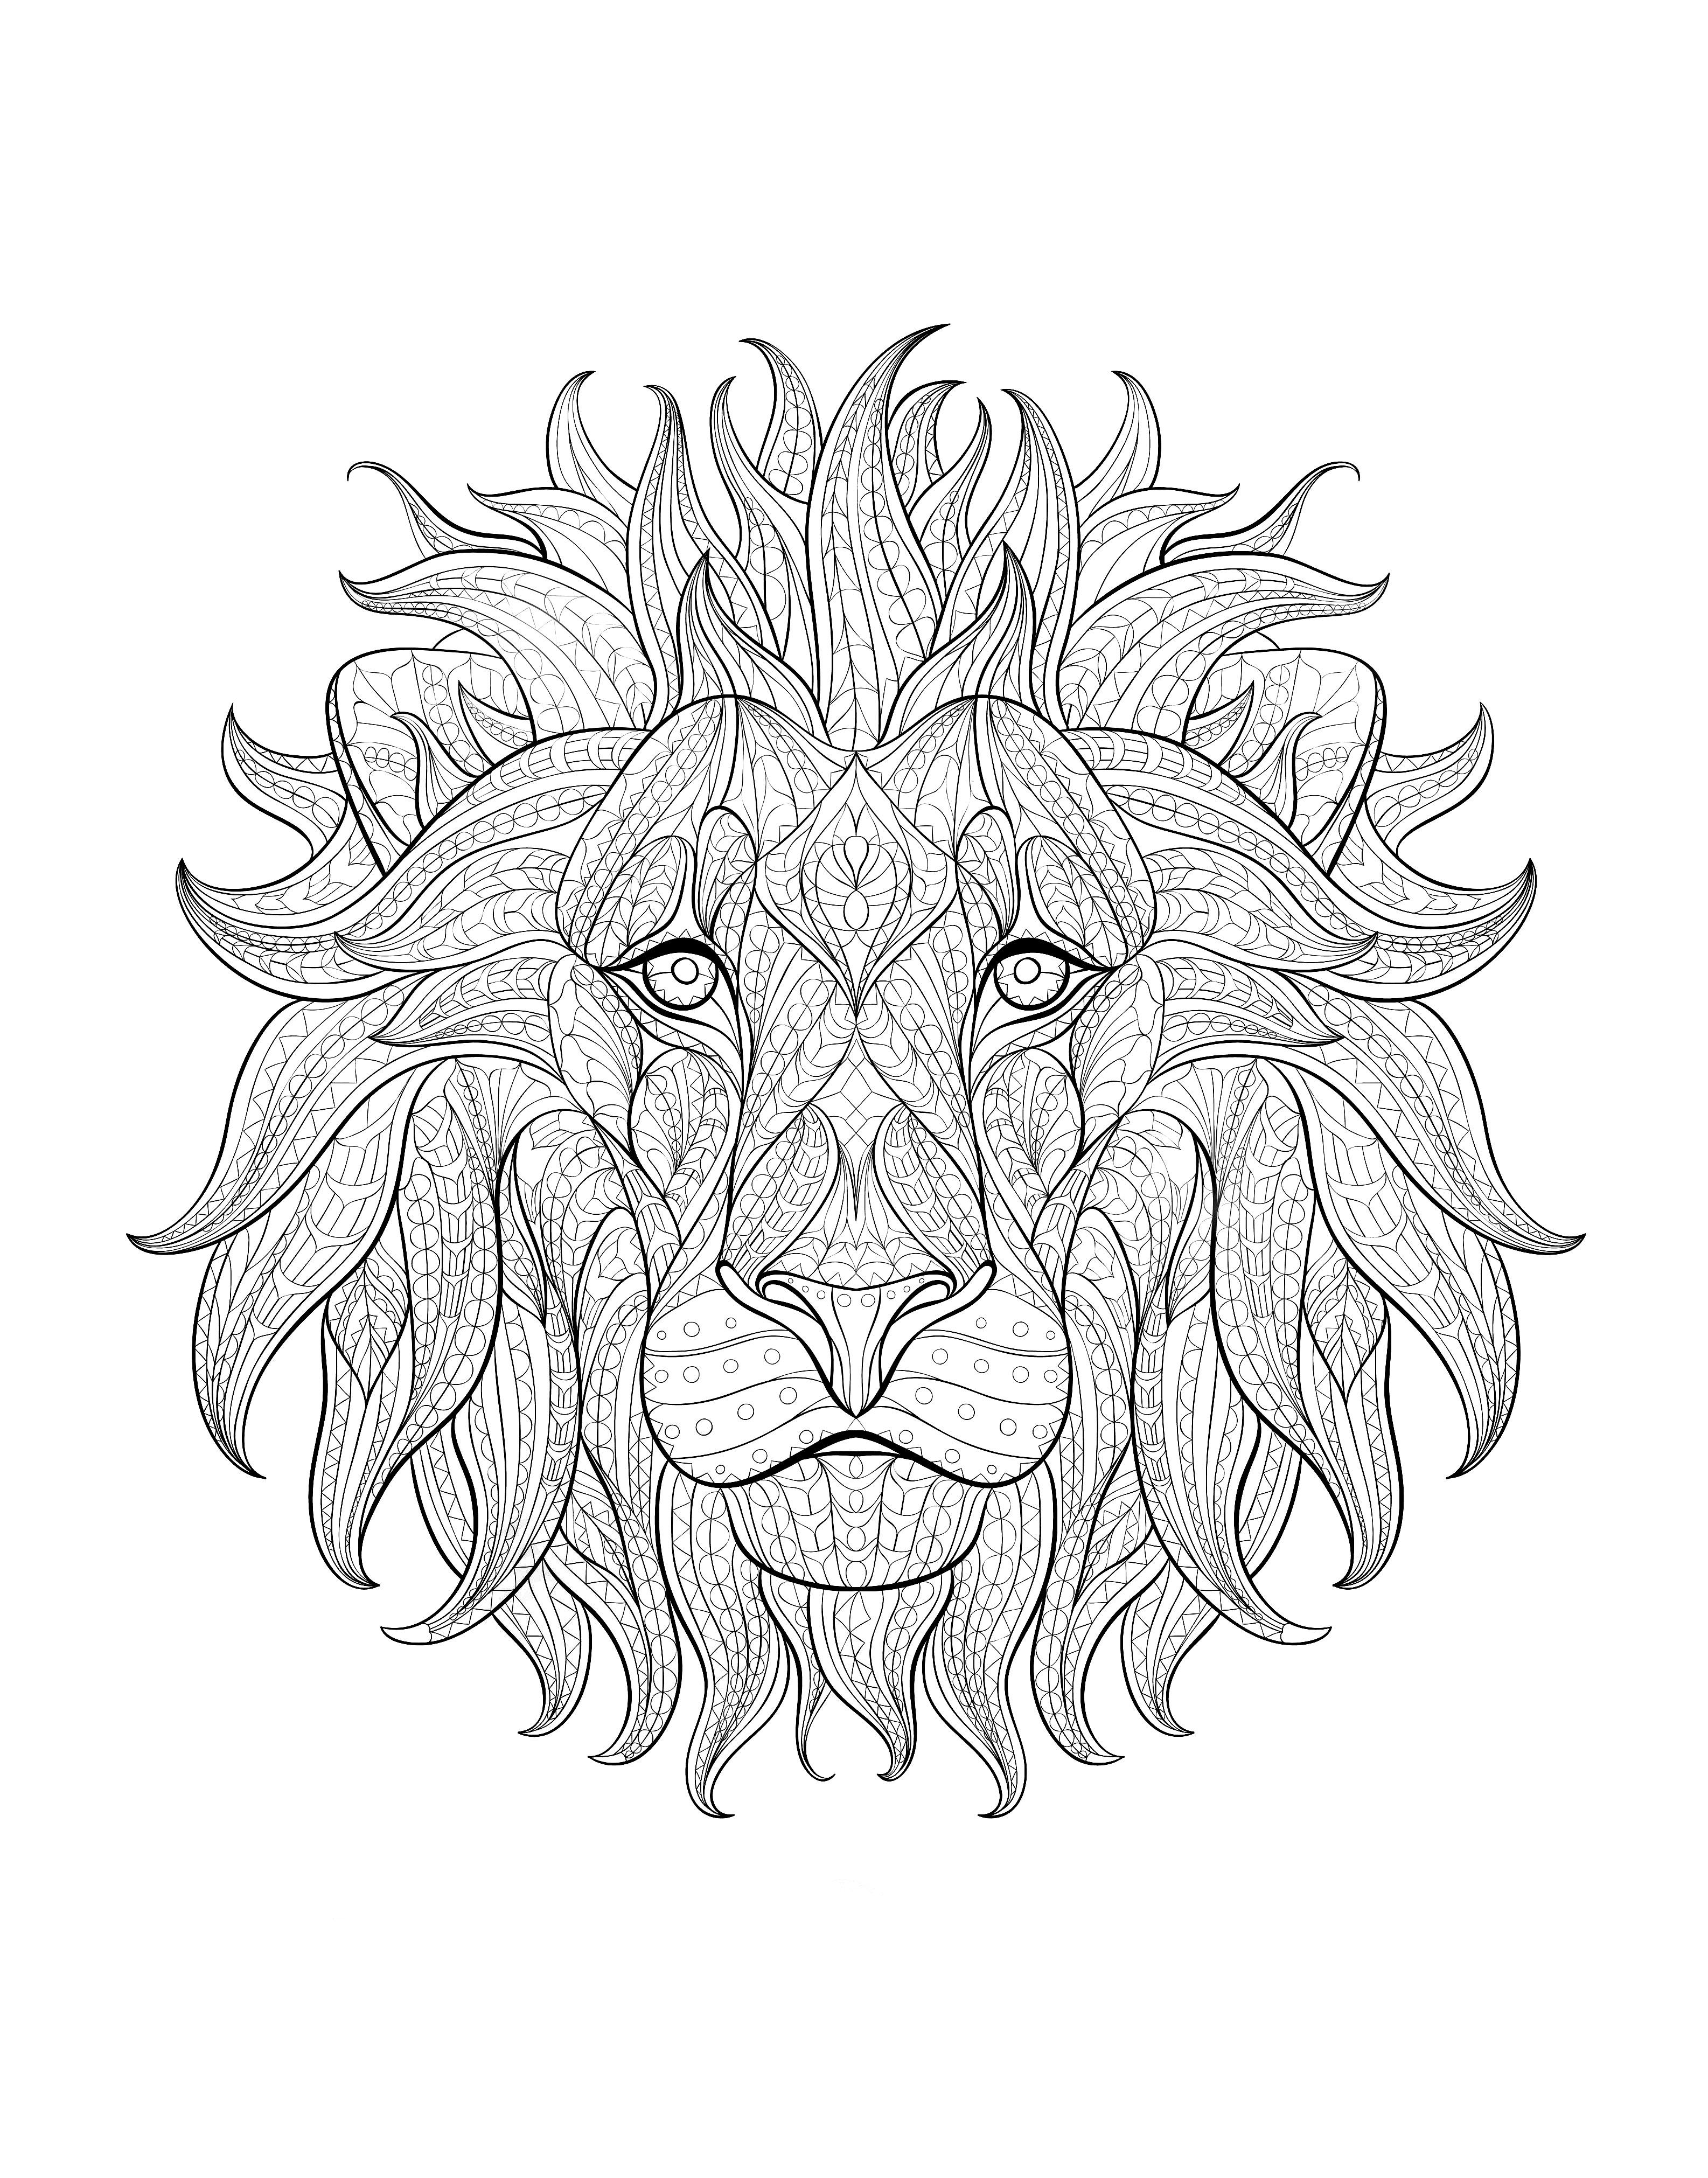 Afrique tete lion 3A partir de la galerie : Afrique